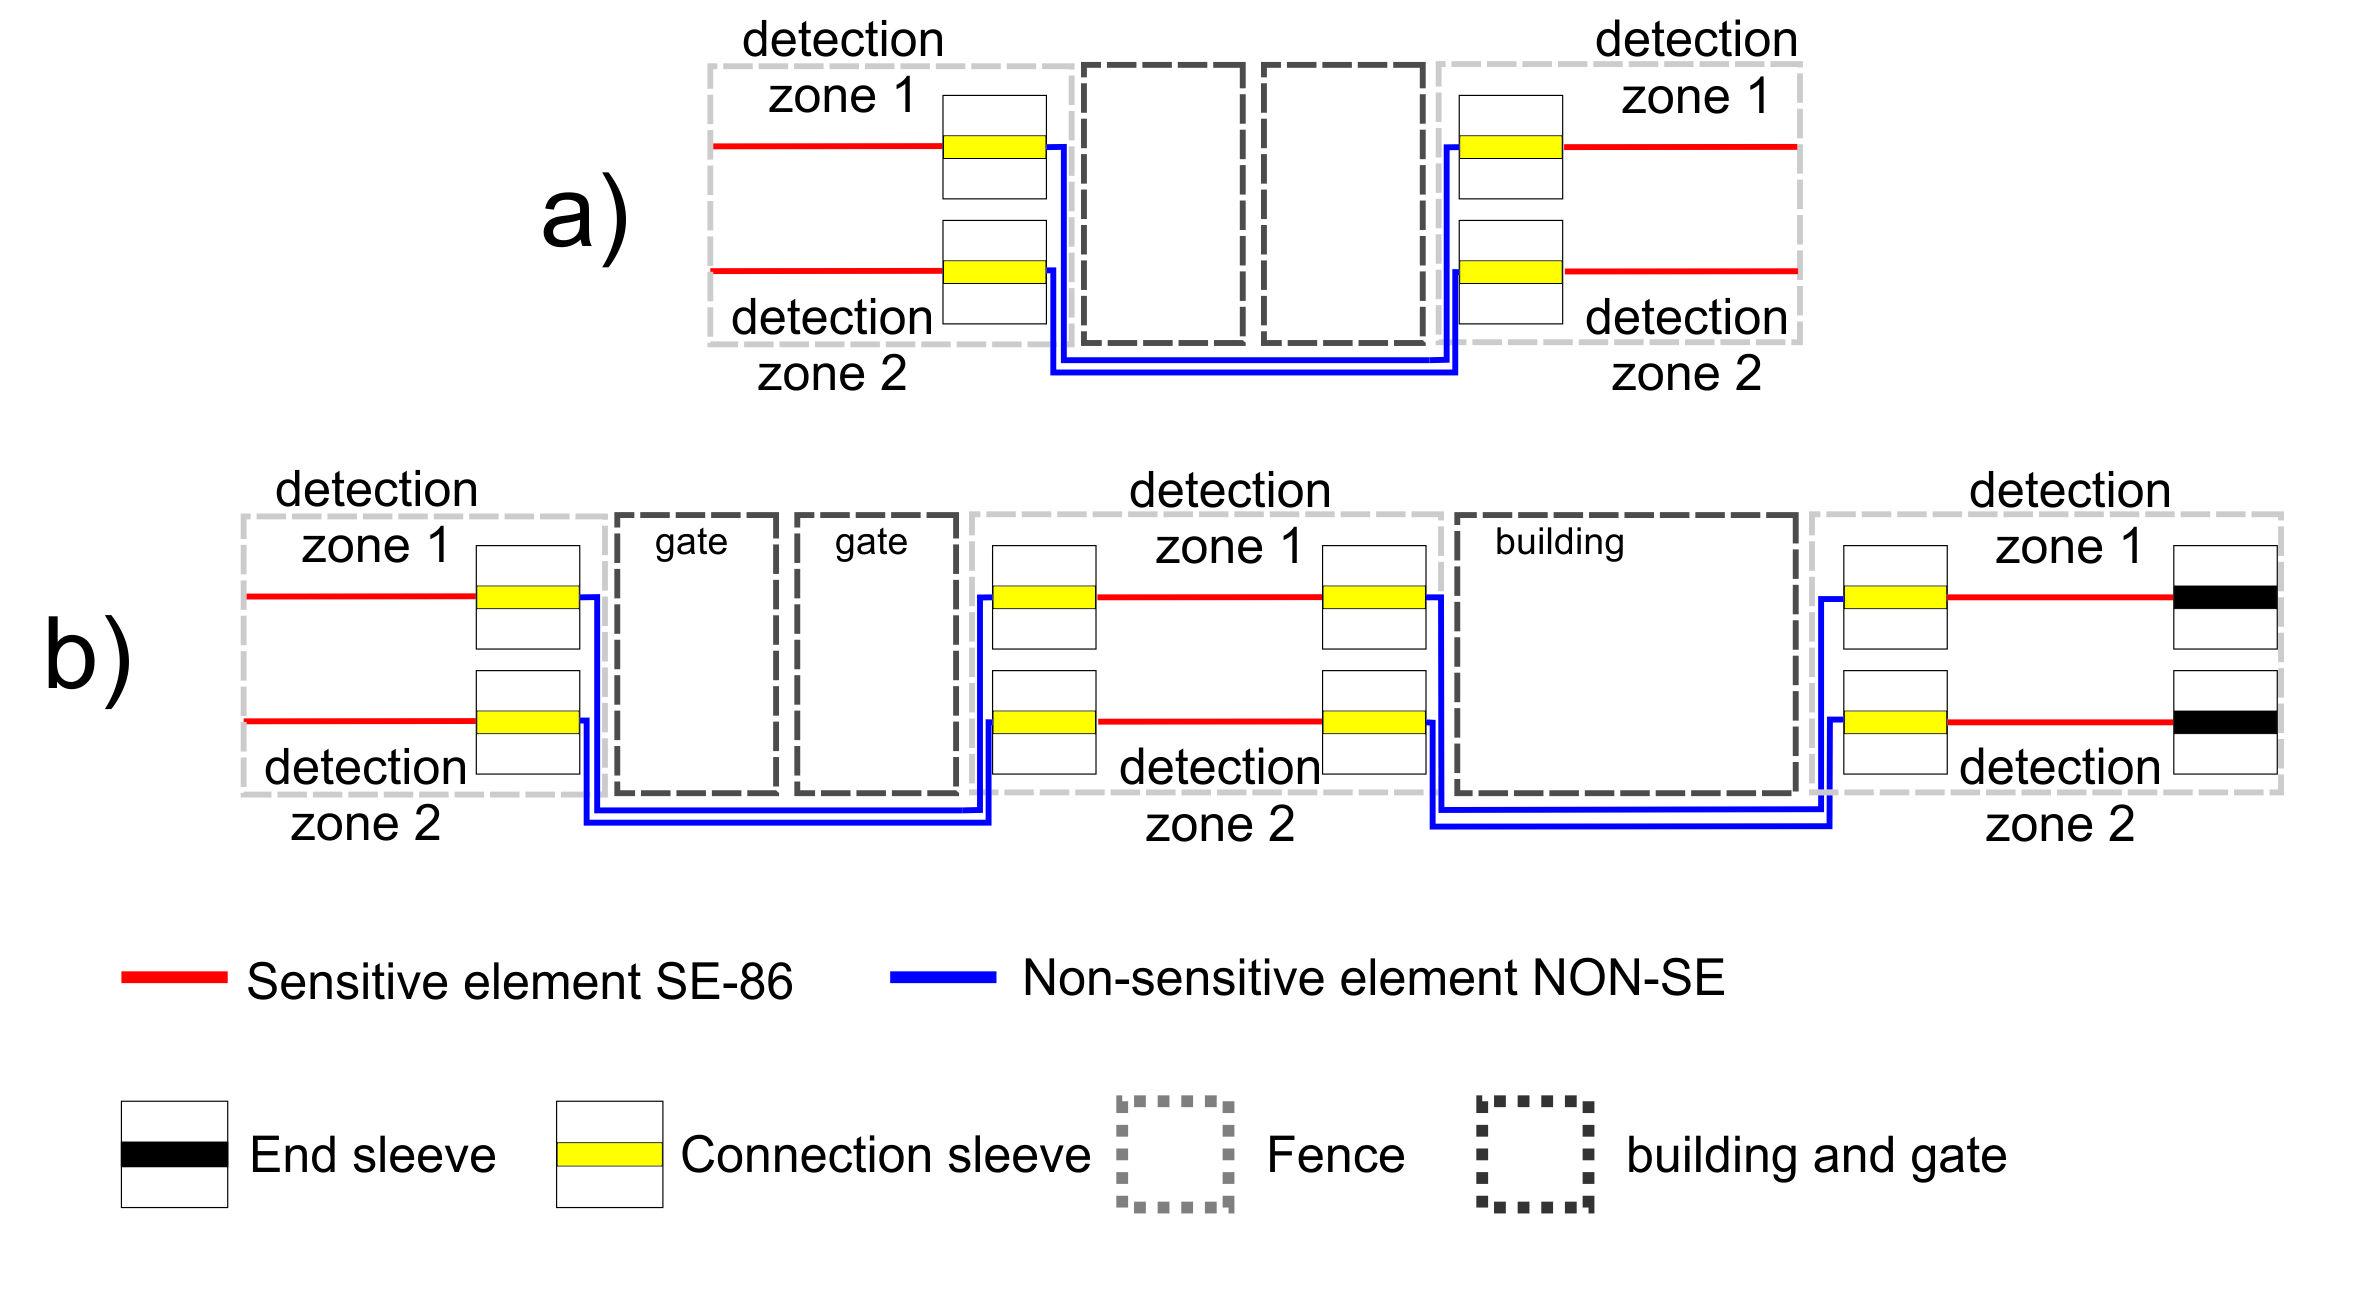 Non sensitive element pass gates and buildings